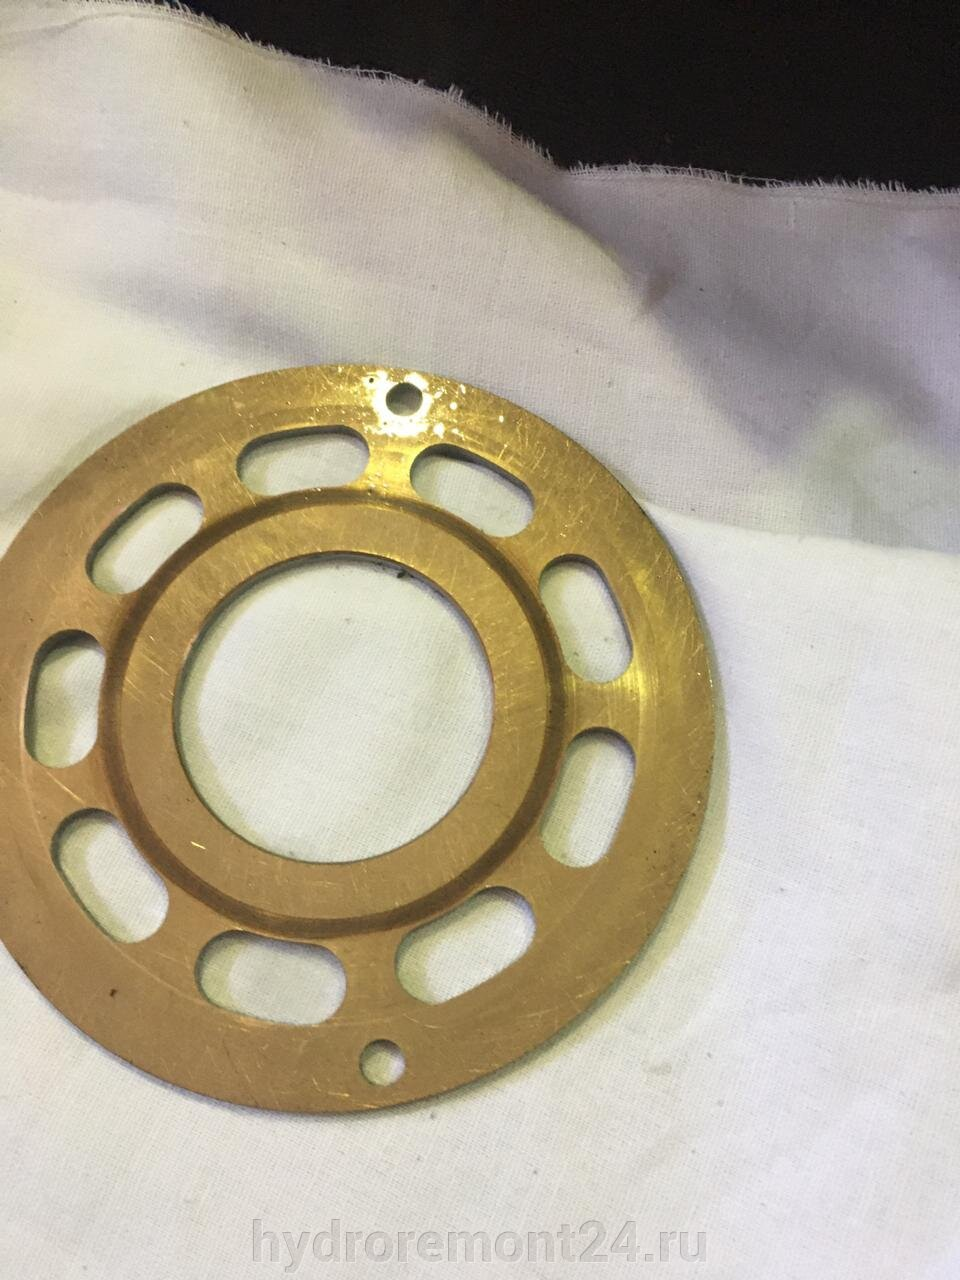 Ремонт гидромоторов Sauer Danfoss 51V160 - фото pic_fe2ee5abeb0995bd5ecc4b6c1c08d8c3_1920x9000_1.jpg